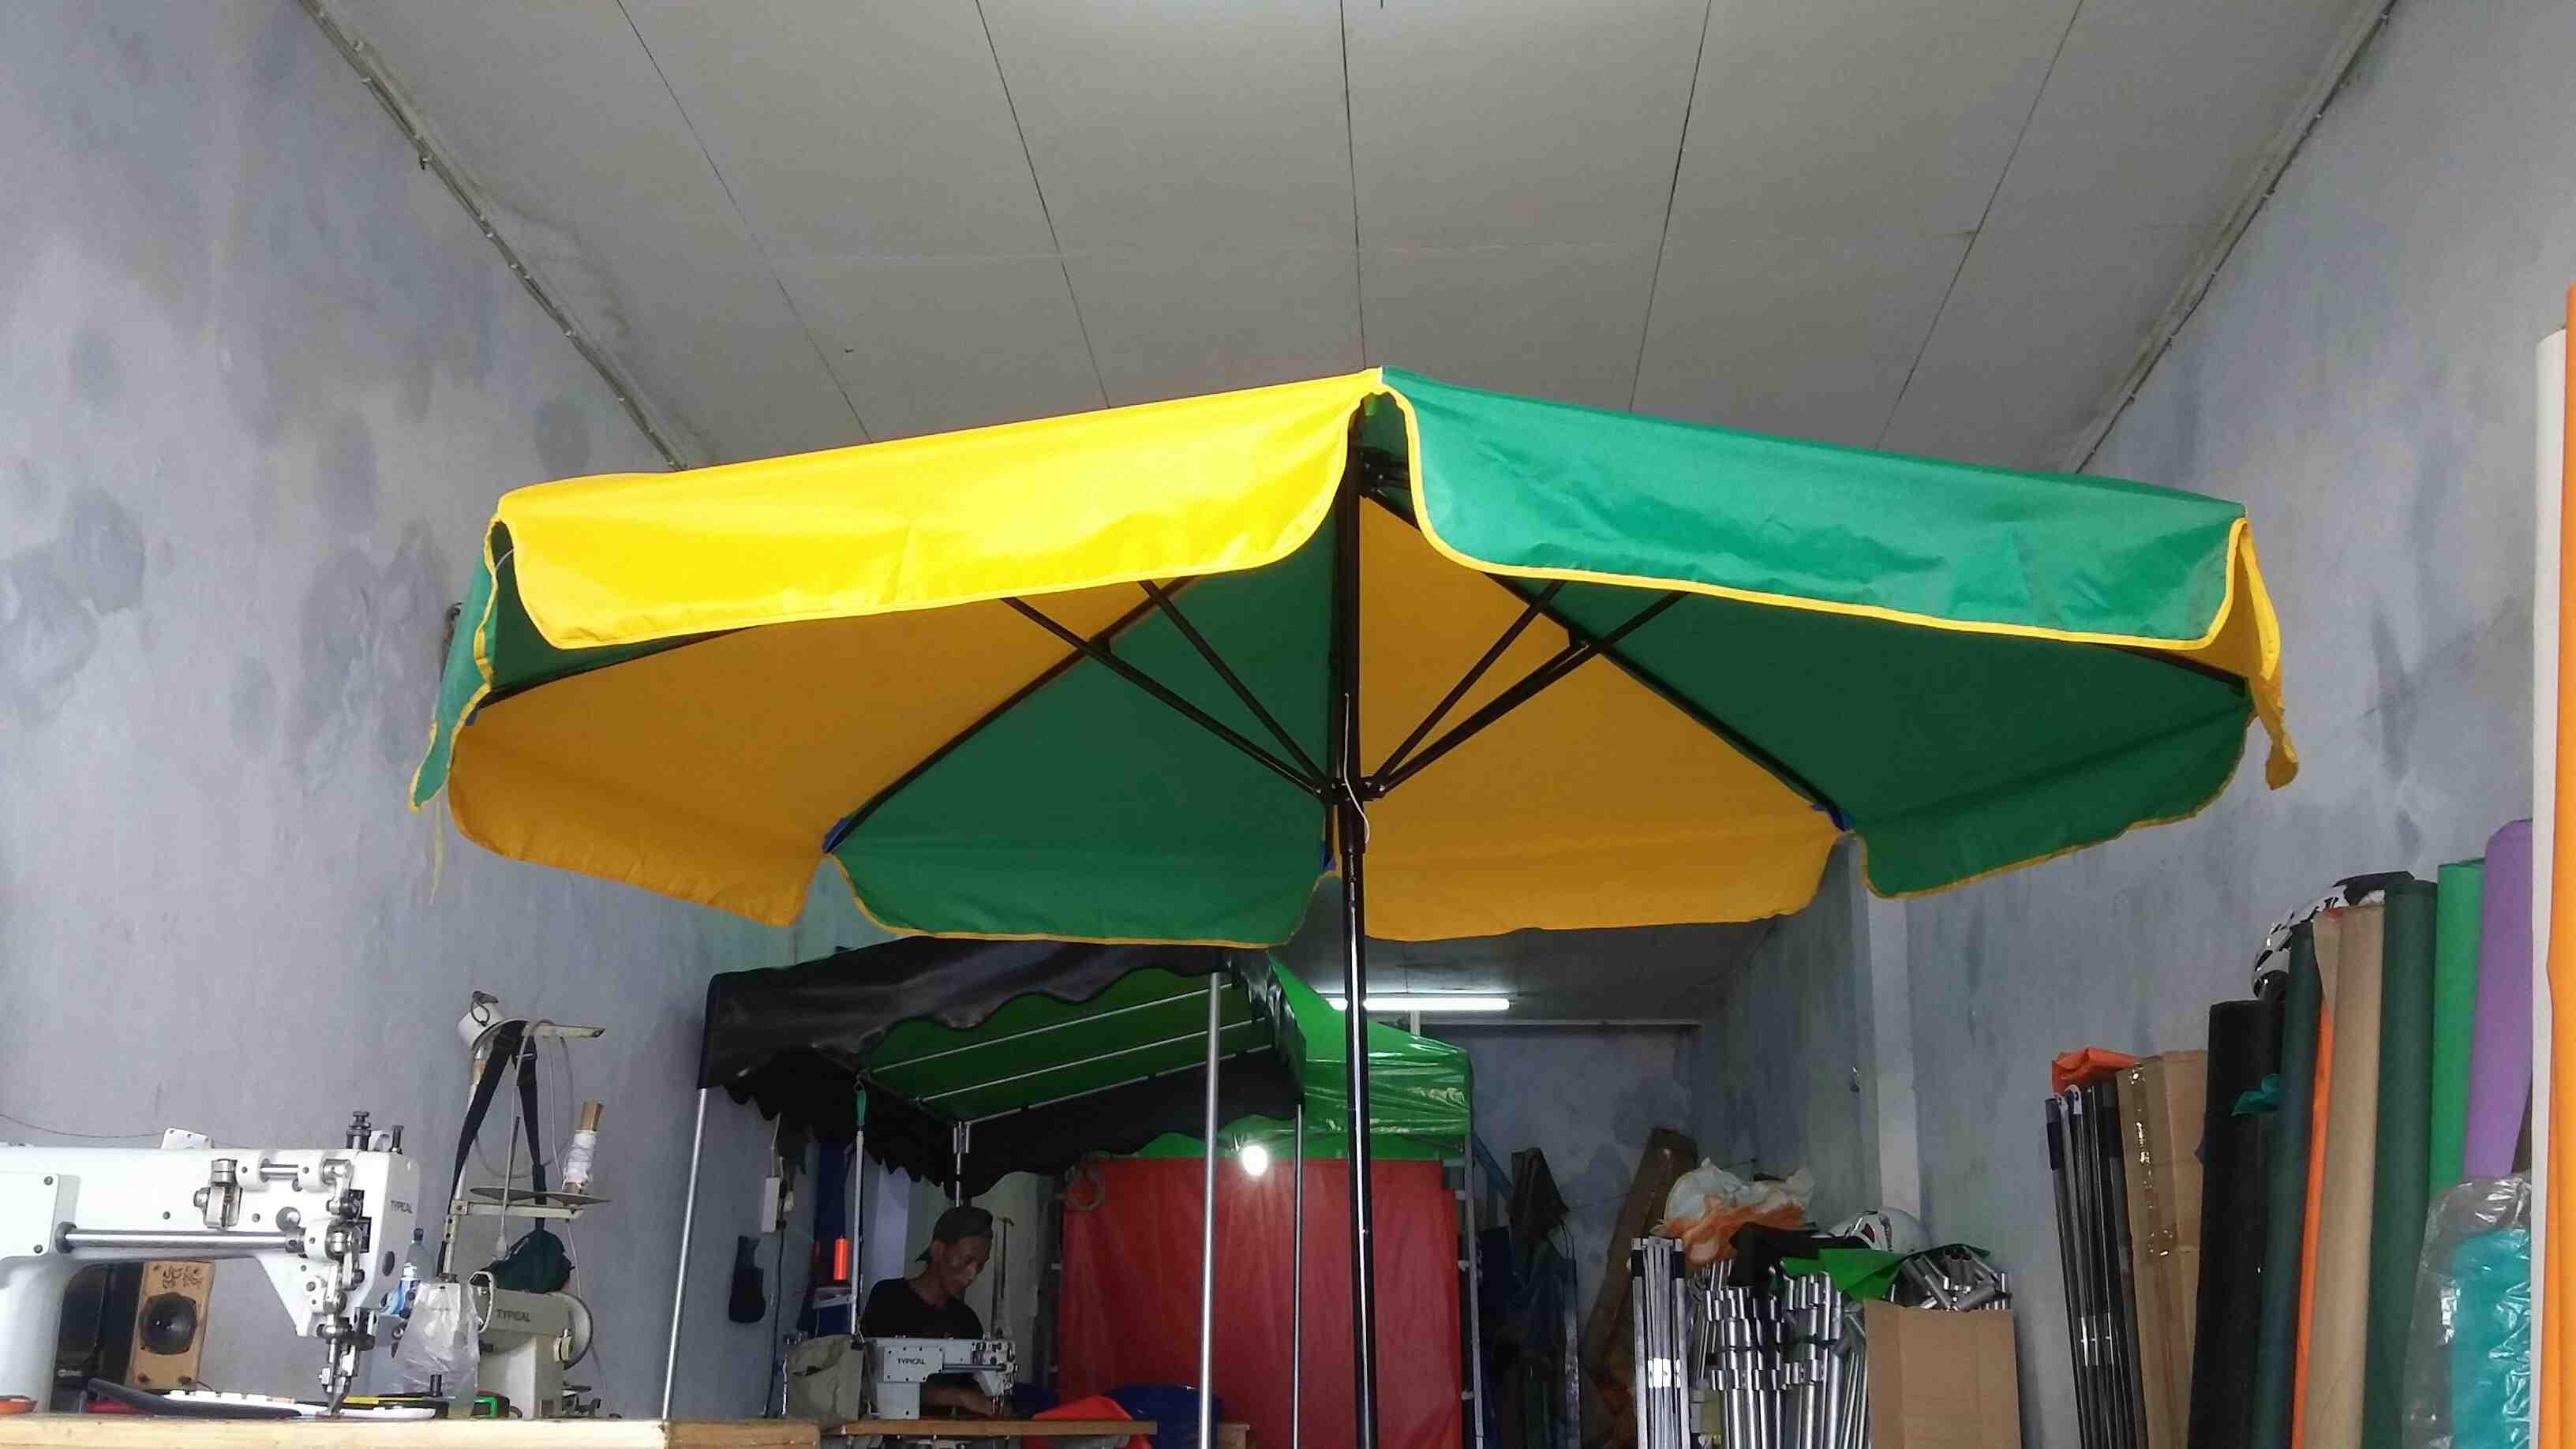 Foto: Payung Taman